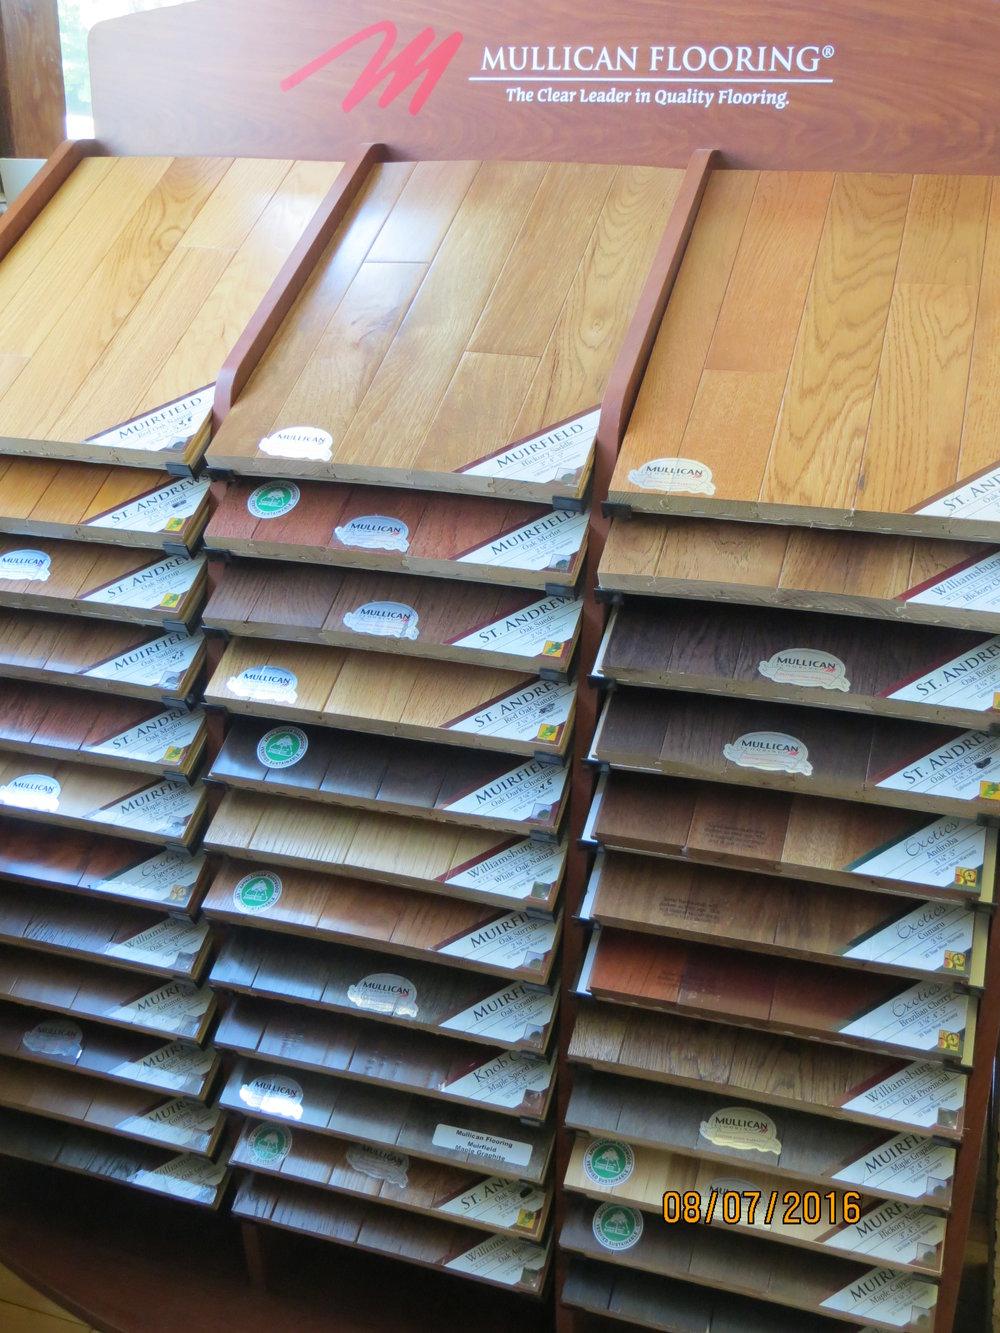 Flooring - Quick StepCogoleum DuraCeramicFlorida TileAmerican Concept LaminateMullican HardwoodCongoleum Air StepCarolina Home Carpet